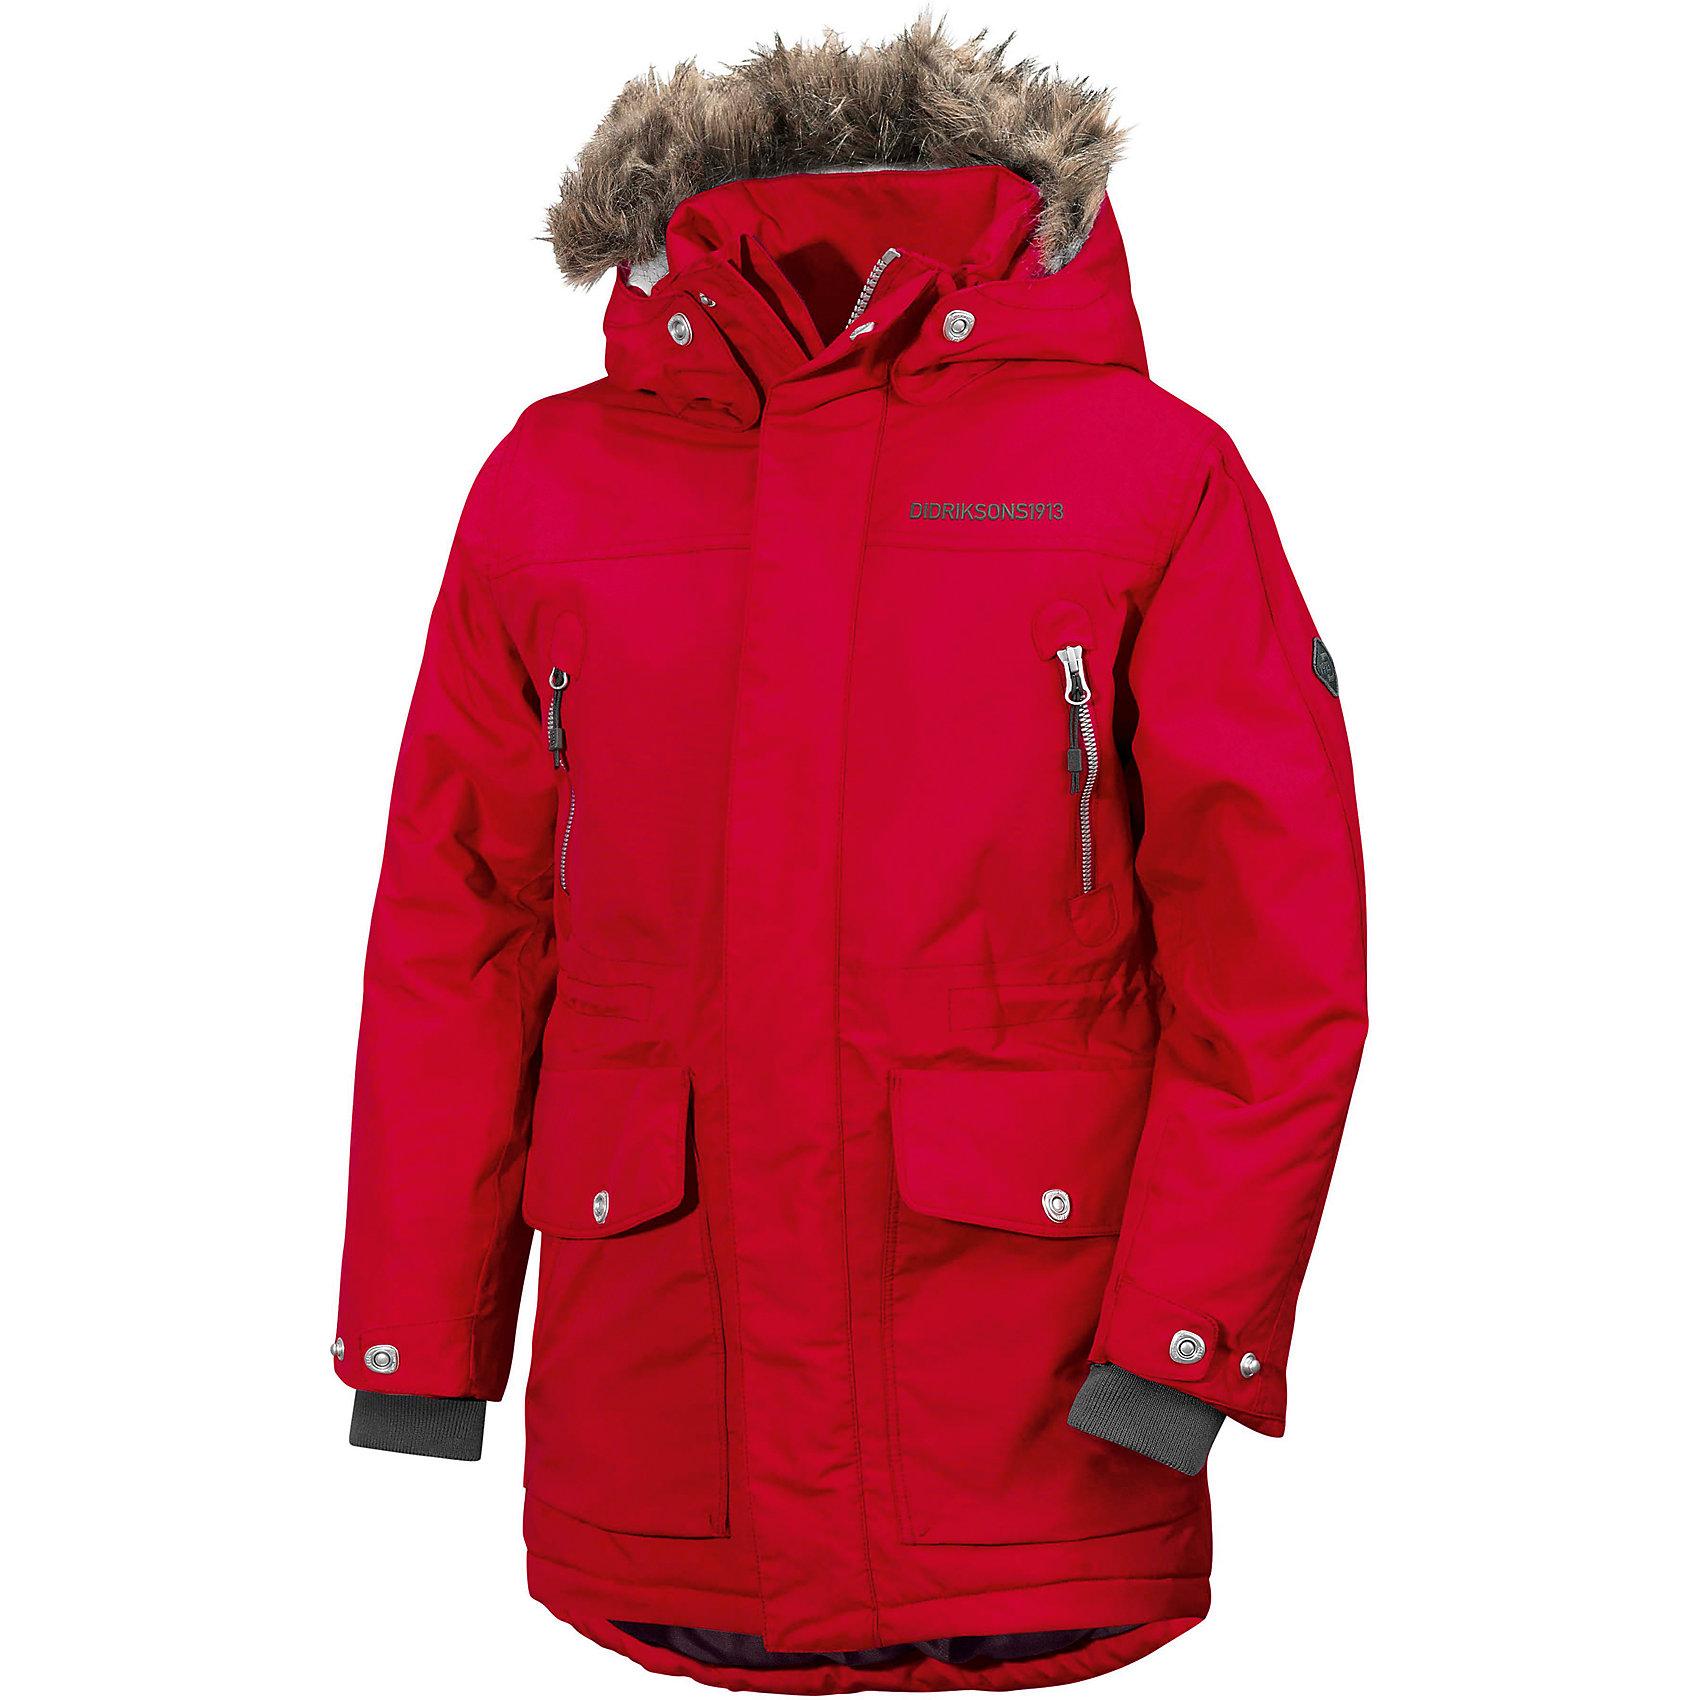 Куртка ROGER DIDRIKSONS для мальчикаВерхняя одежда<br>Характеристики товара:<br><br>• цвет: красный<br>• состав ткани: 100% полиамид<br>• подкладка: 100% полиэстер<br>• утеплитель: 100% полиэстер<br>• сезон: зима<br>• мембранное покрытие<br>• температурный режим: от +5 до -25С<br>• водонепроницаемость: 5000 мм <br>• паропроницаемость: 4000 г/м2<br>• плотность утеплителя: 200г/м2<br>• регулируемый съемный капюшон<br>• съемный искусственный мех на капюшоне<br>• застежка: молния, утяжка<br>• регулируемые манжеты, пояс и низ изделия<br>• внутренние эластичные манжеты<br>• меховая спинка<br>• застежка: молния, утяжка<br>• страна бренда: Швеция<br>• страна изготовитель: Китай<br><br>Непромокаемый и непродуваемый верх детской куртки не задерживает воздух. Модная куртка для мальчика Didriksons рассчитана даже на сильные морозы. Детская куртка от известного шведского бренда теплая и легкая. Мембранная зимняя куртка для ребенка отличается продуманным дизайном. <br><br>Куртку для мальчика Roger Didriksons (Дидриксонс) можно купить в нашем интернет-магазине.<br><br>Ширина мм: 356<br>Глубина мм: 10<br>Высота мм: 245<br>Вес г: 519<br>Цвет: красный<br>Возраст от месяцев: 168<br>Возраст до месяцев: 180<br>Пол: Мужской<br>Возраст: Детский<br>Размер: 170,140,150,160<br>SKU: 7044700